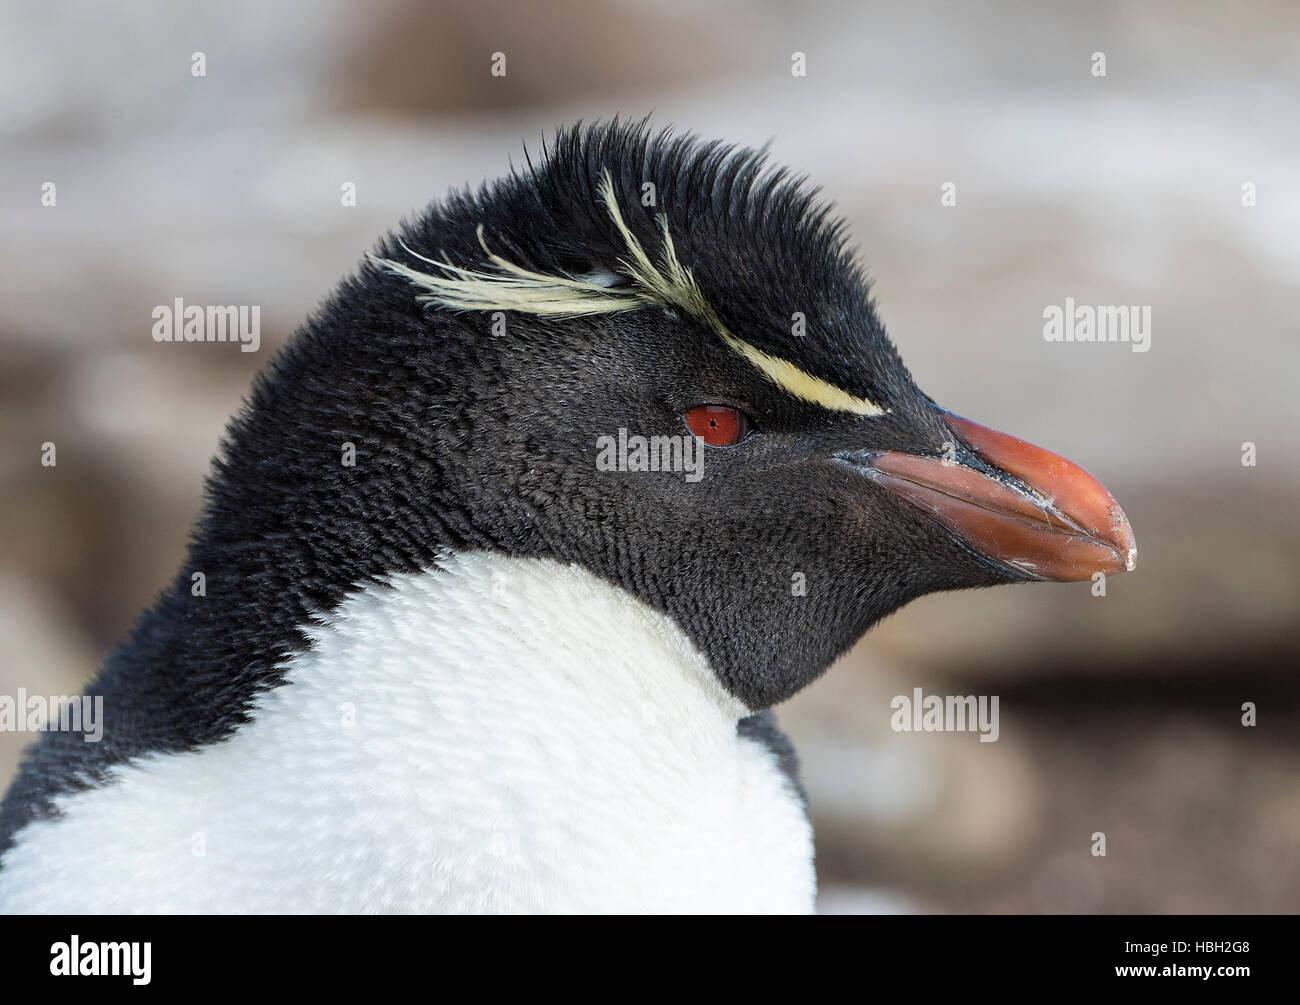 Portrait of a Rockhopper Penguin (Eudyptes Chrysocome) - Stock Image